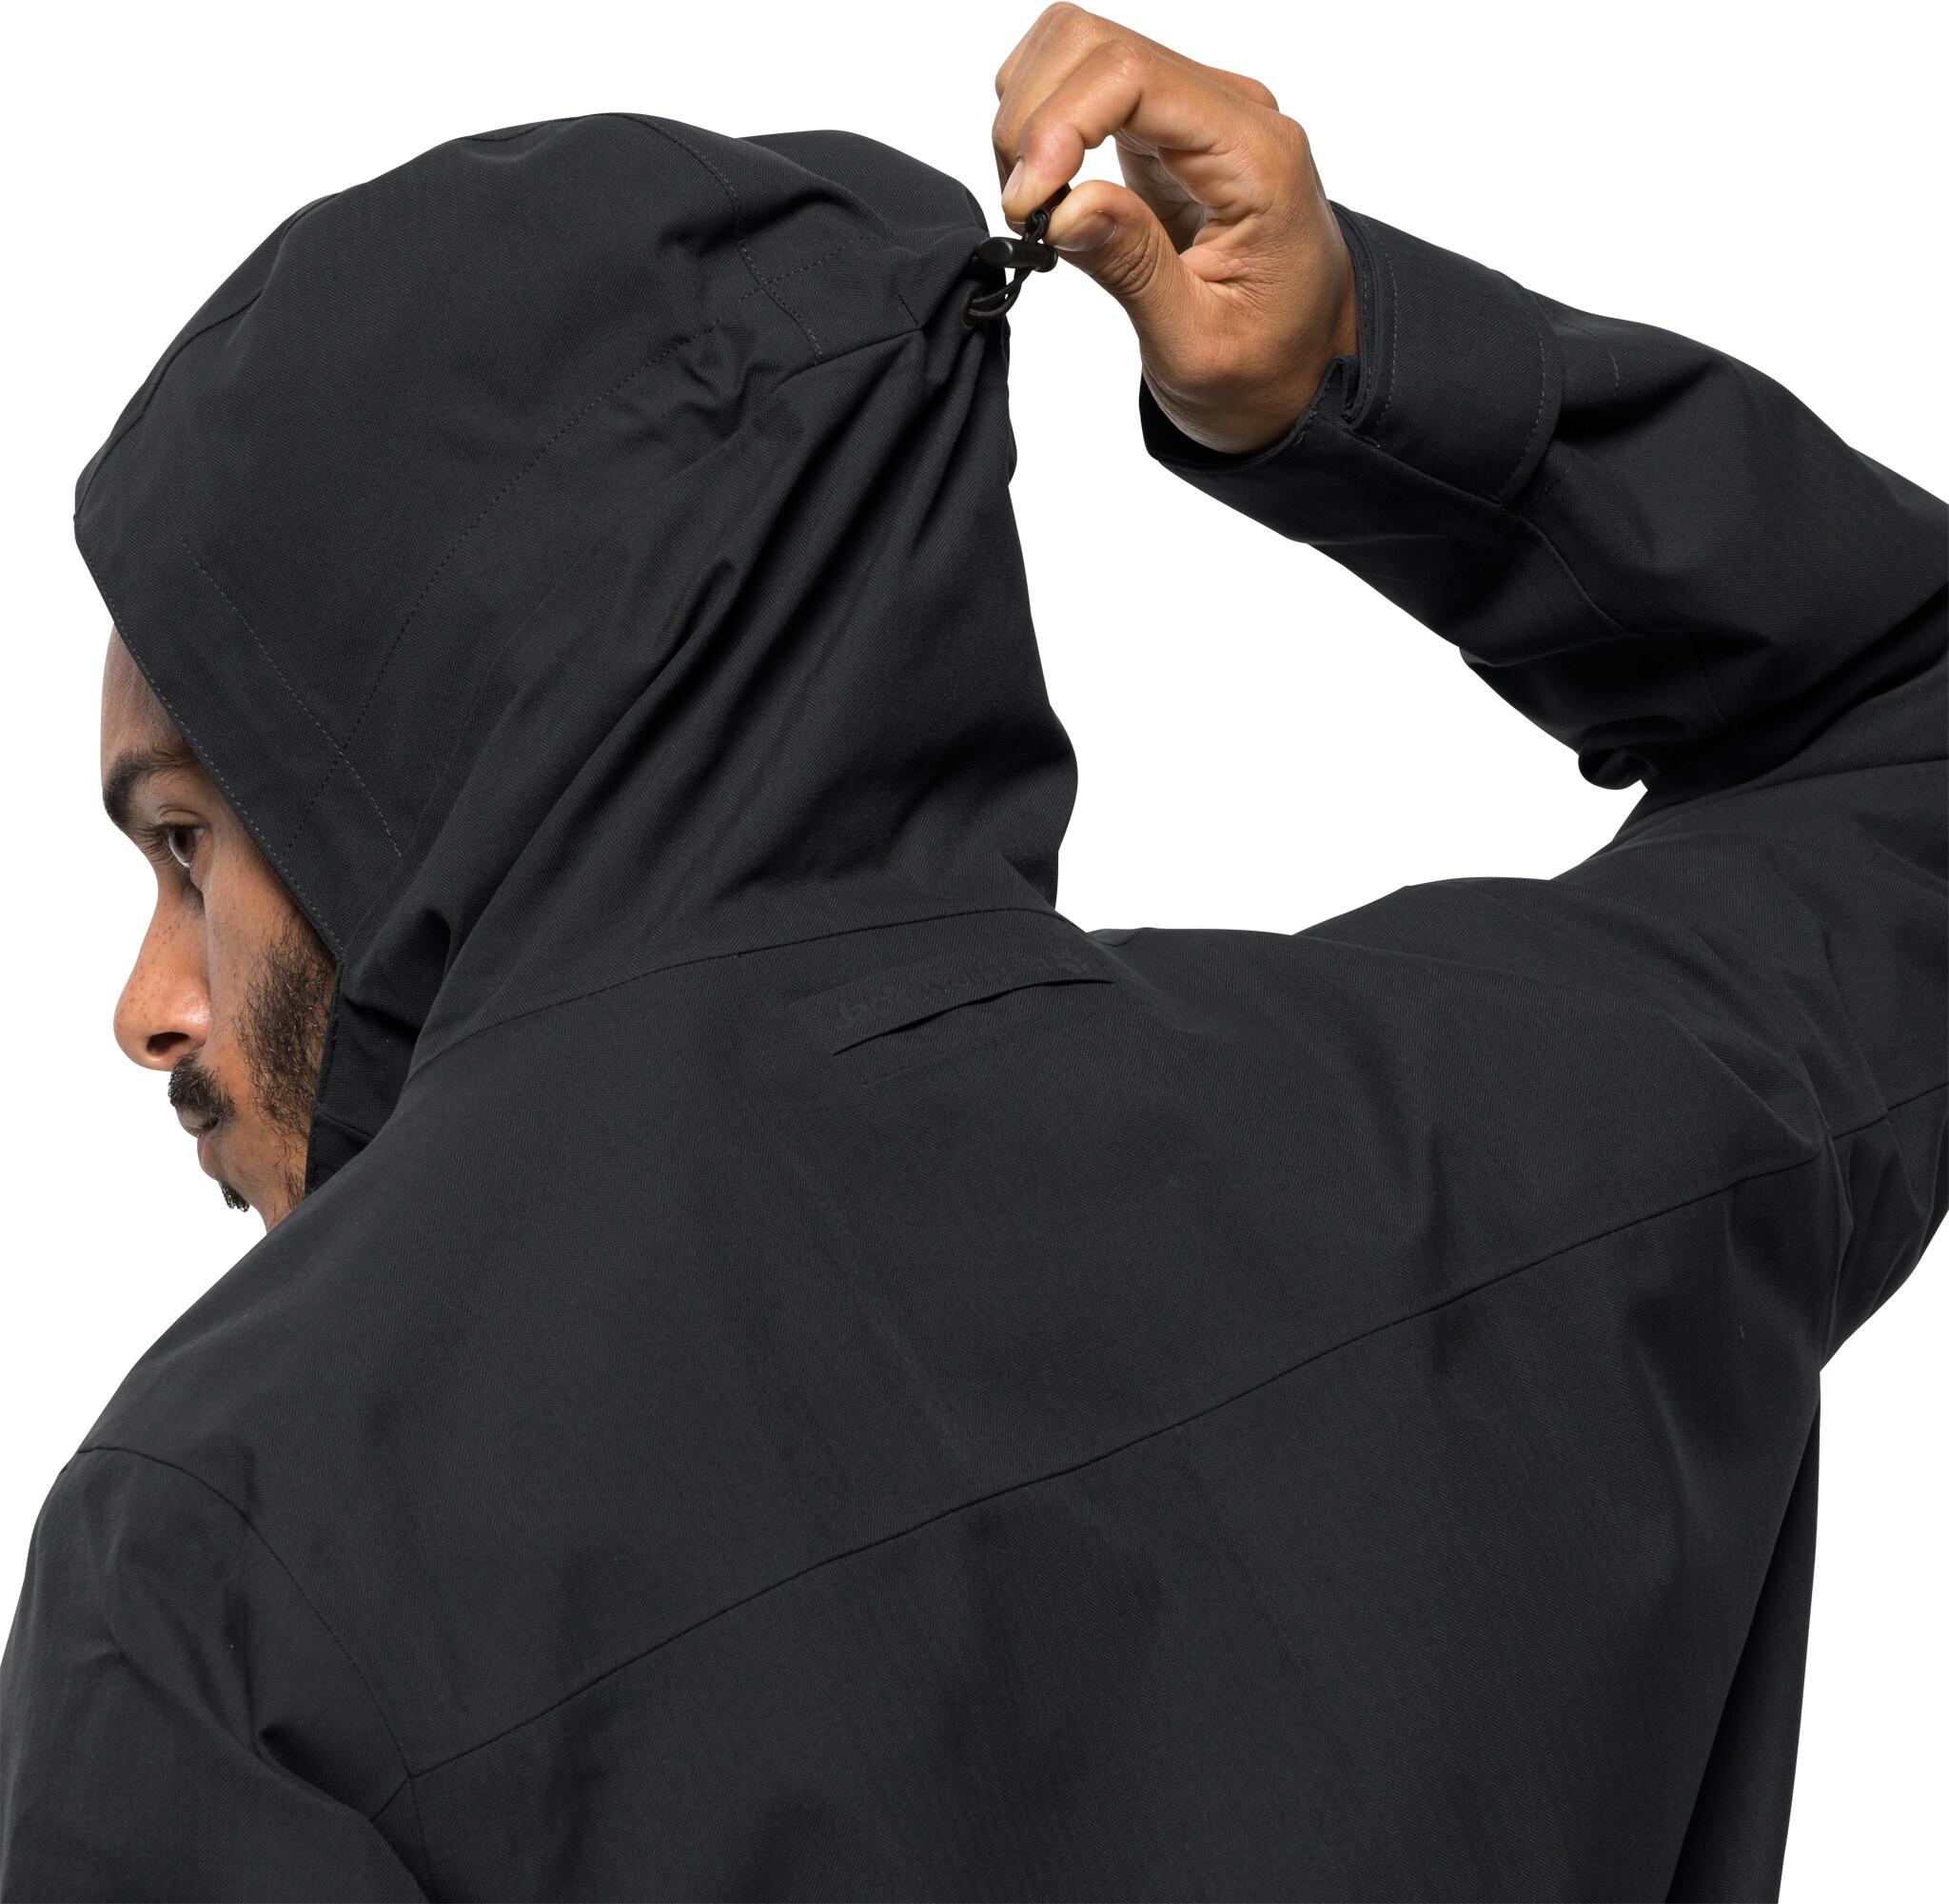 new product 22f7c 874e0 Jack Wolfskin West Coast Jacke Herren black